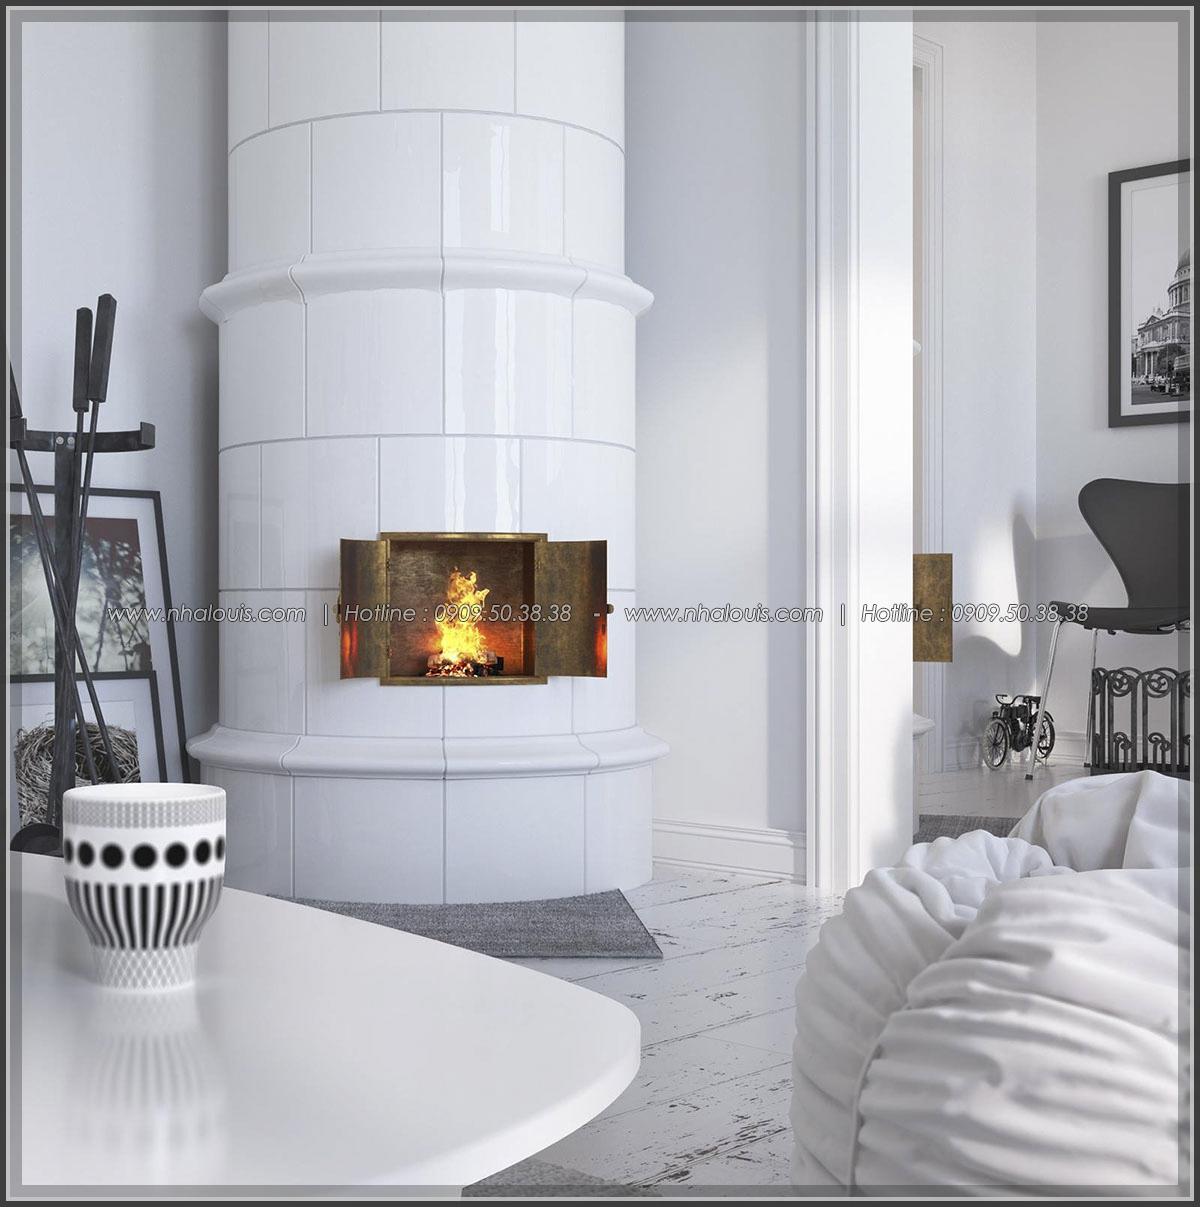 Căn hộ 1 phòng ngủ với cảm hứng nội thất Scandinavian